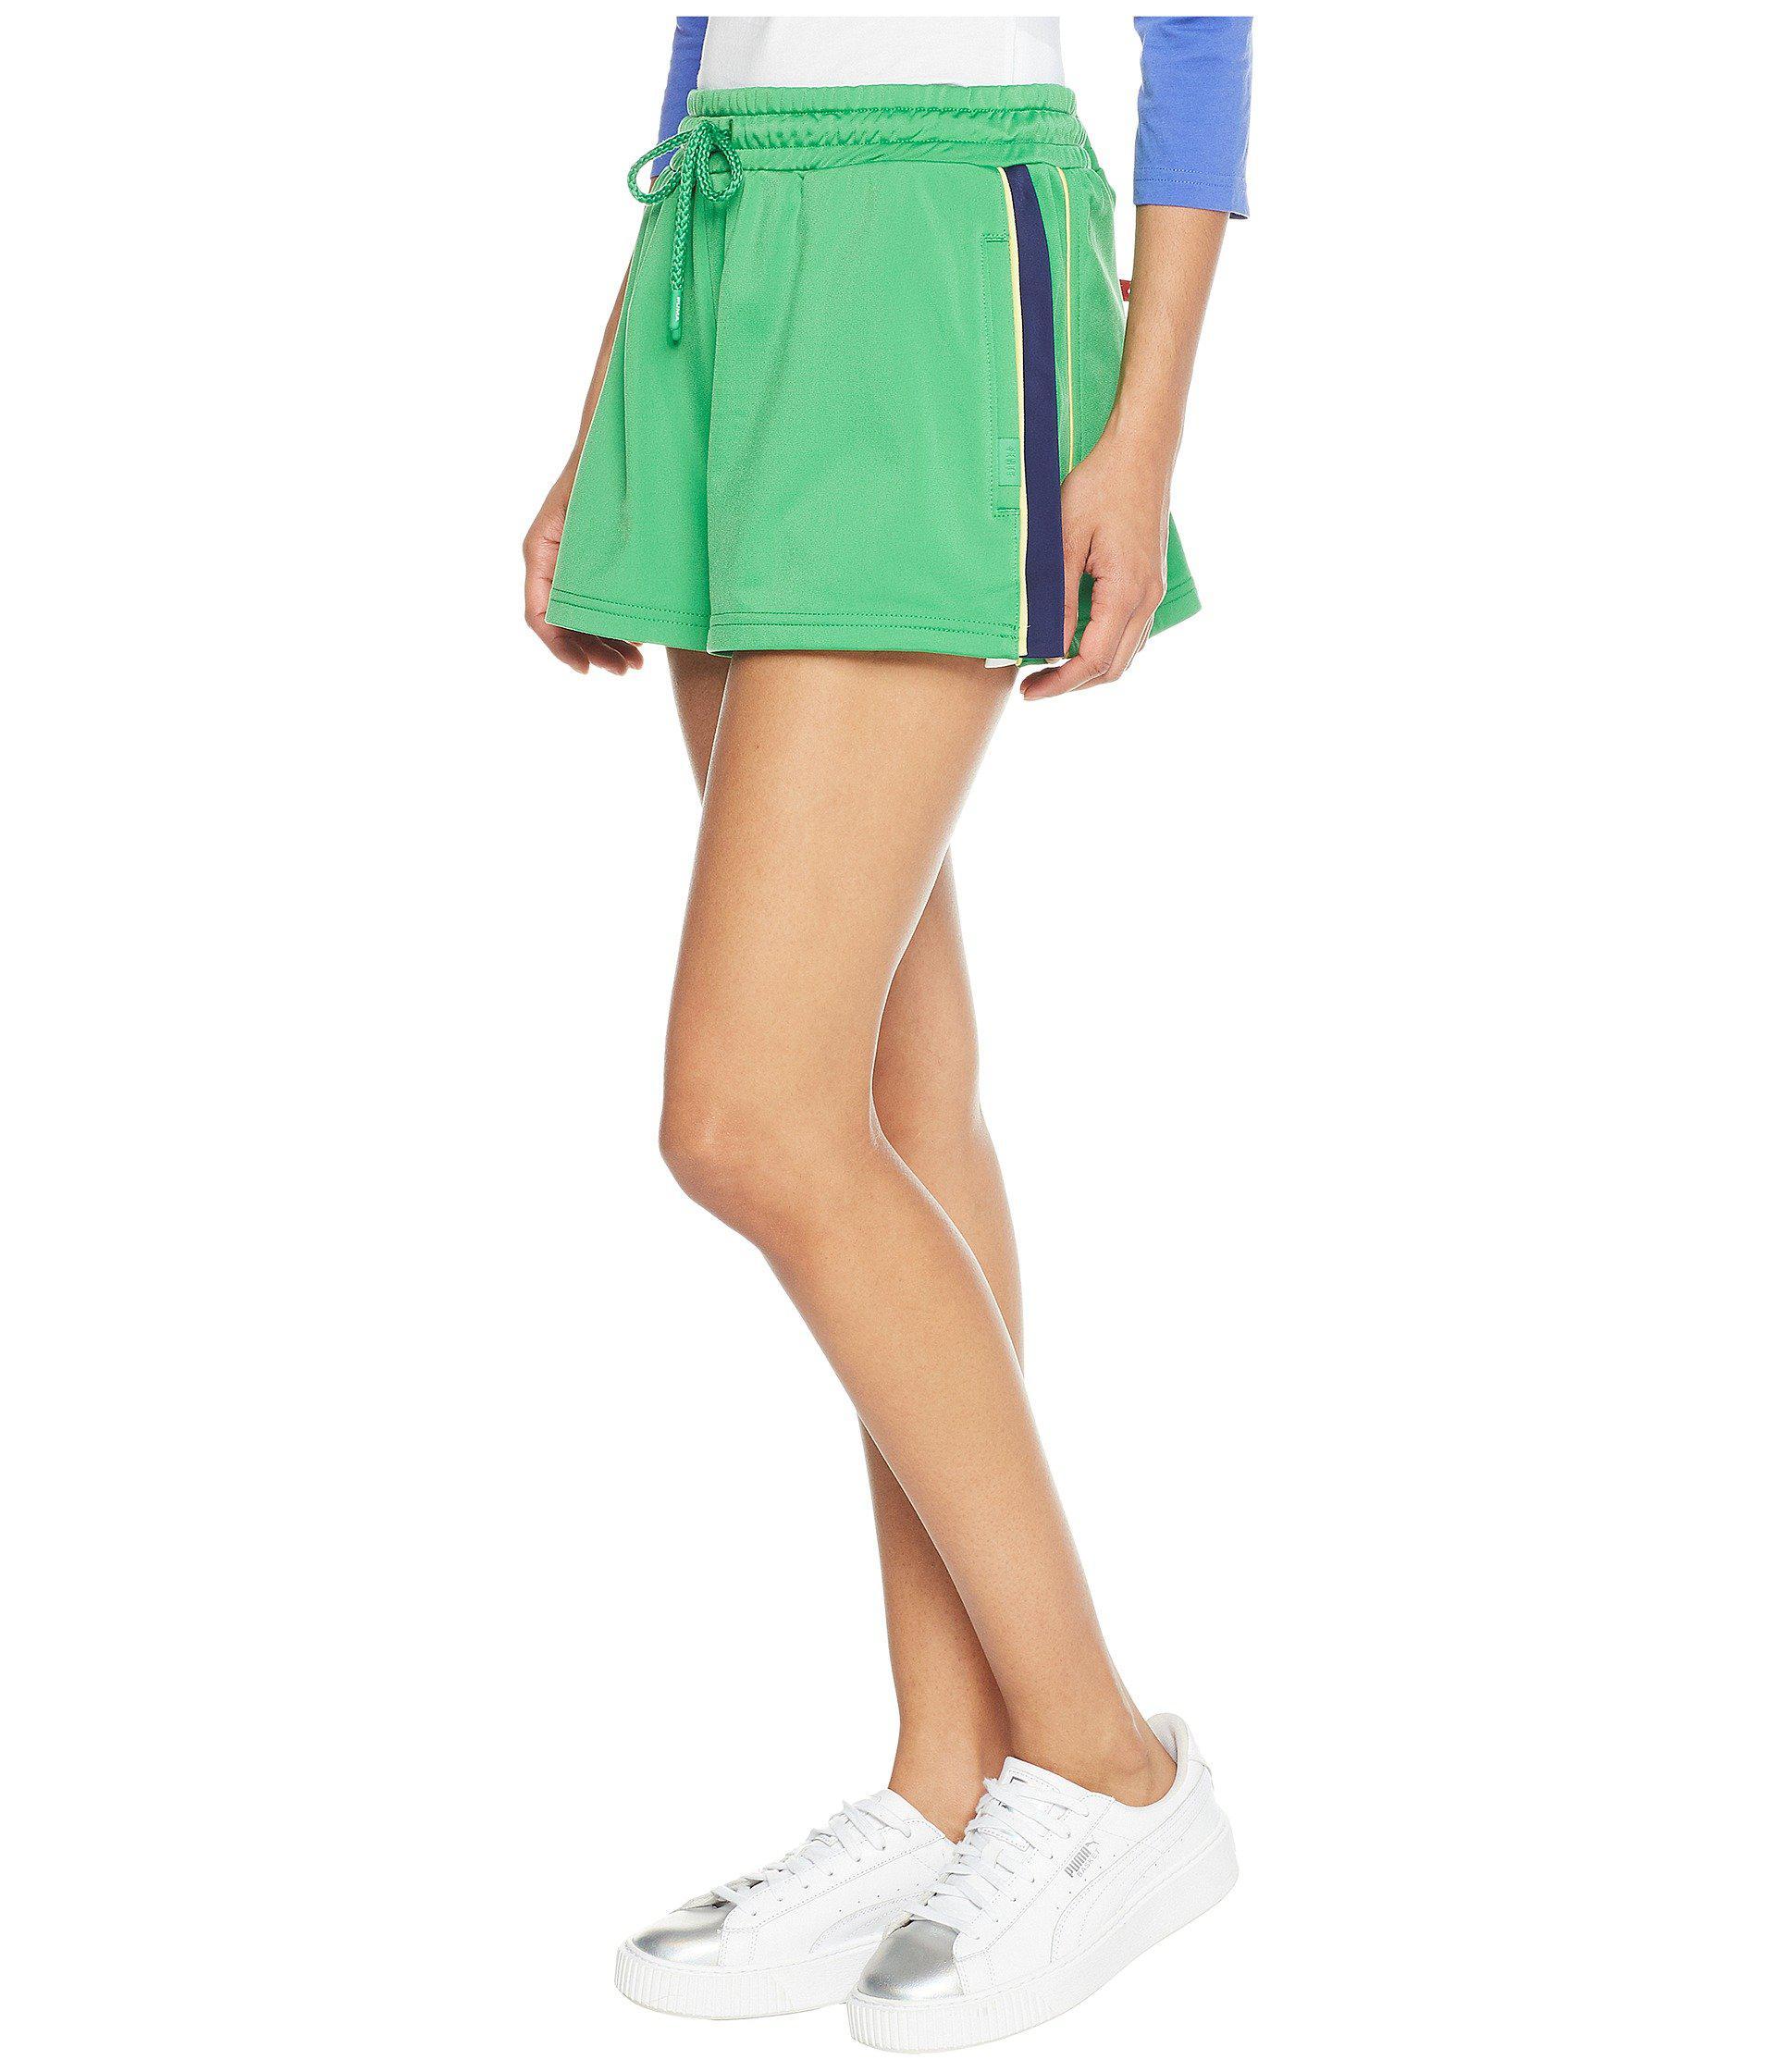 4ee7c51c7102 Lyst - PUMA X Fenty By Rihanna Side Split Shorts in Green - Save 64%